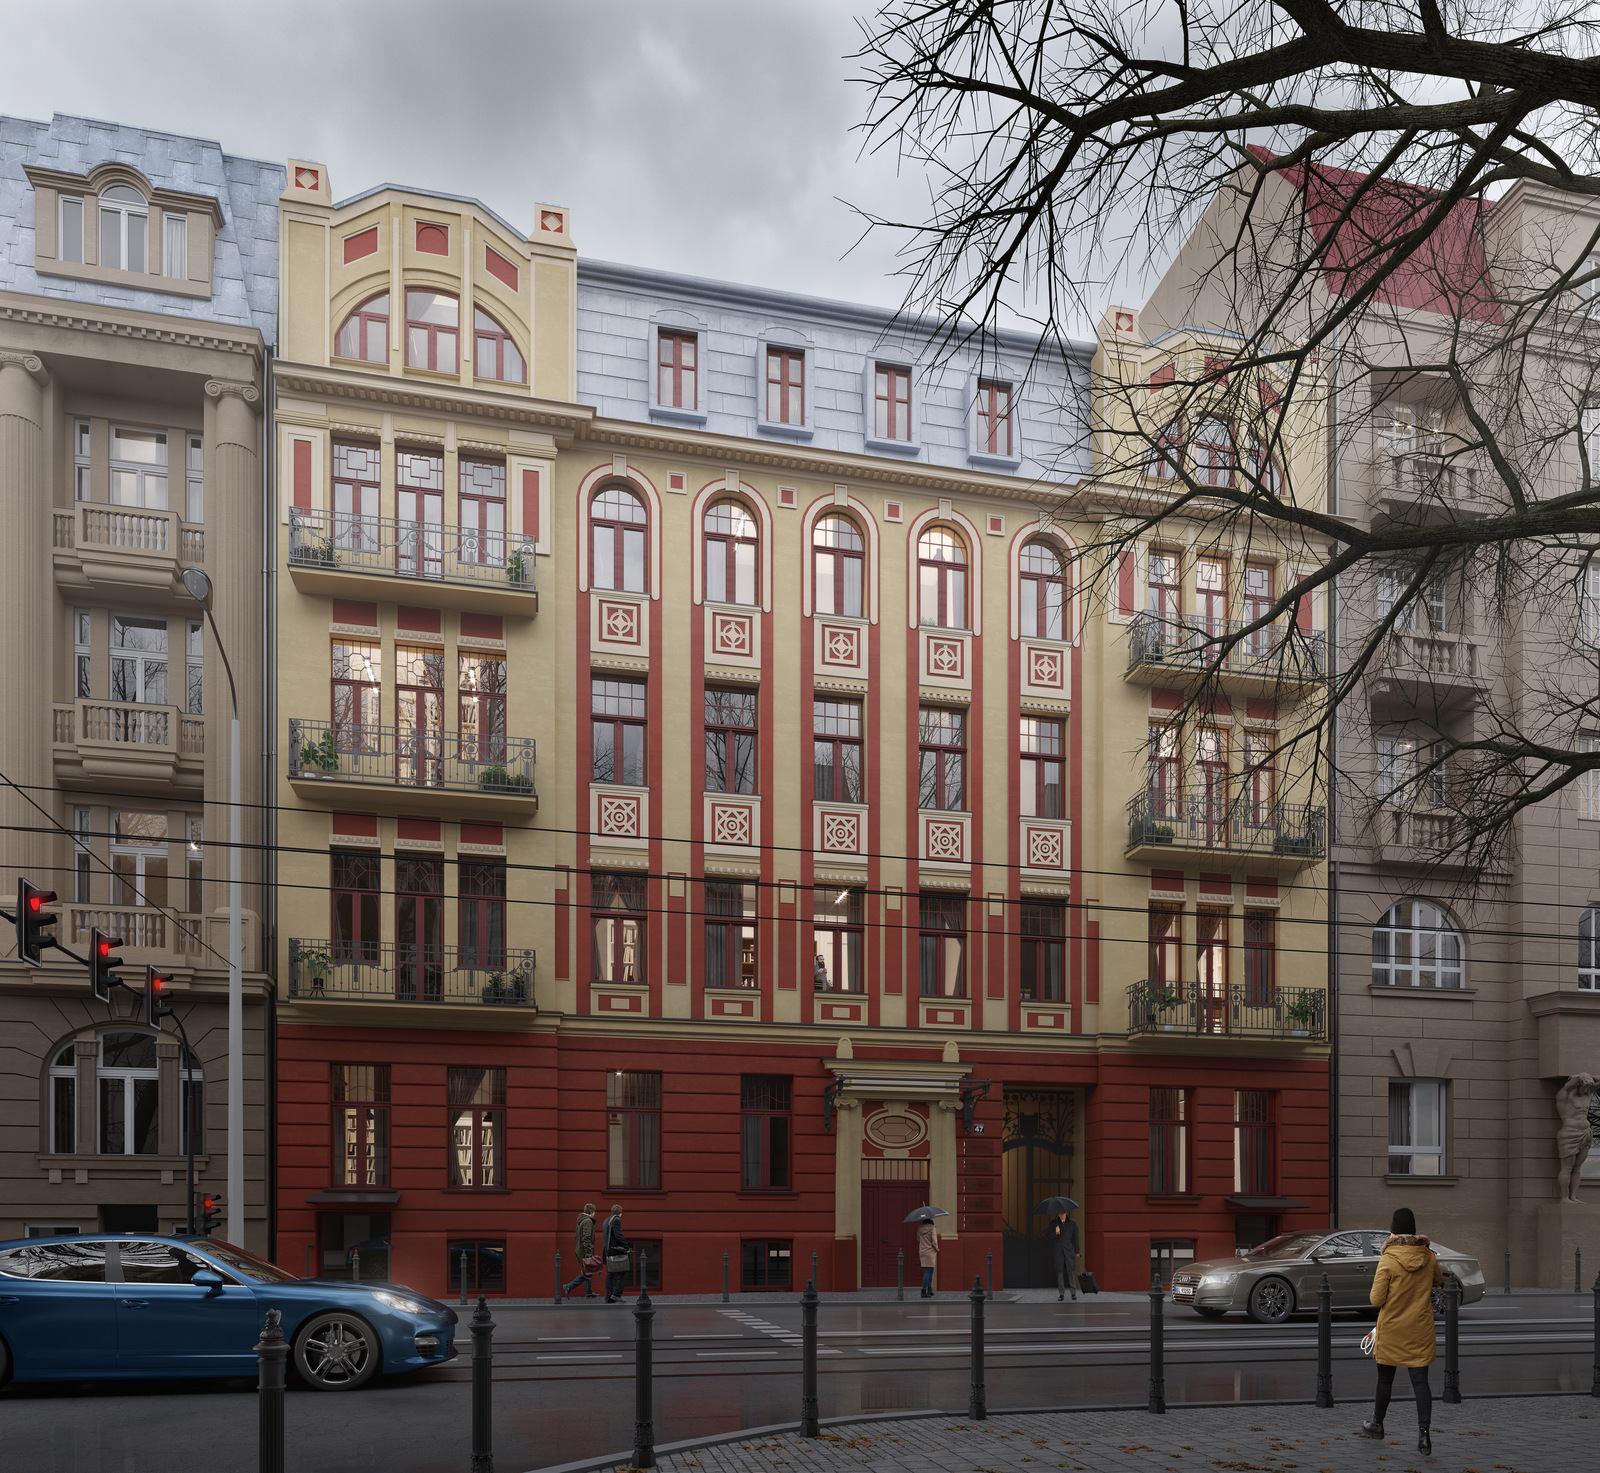 Kamienica przy Operze ul. Narutowicza 47